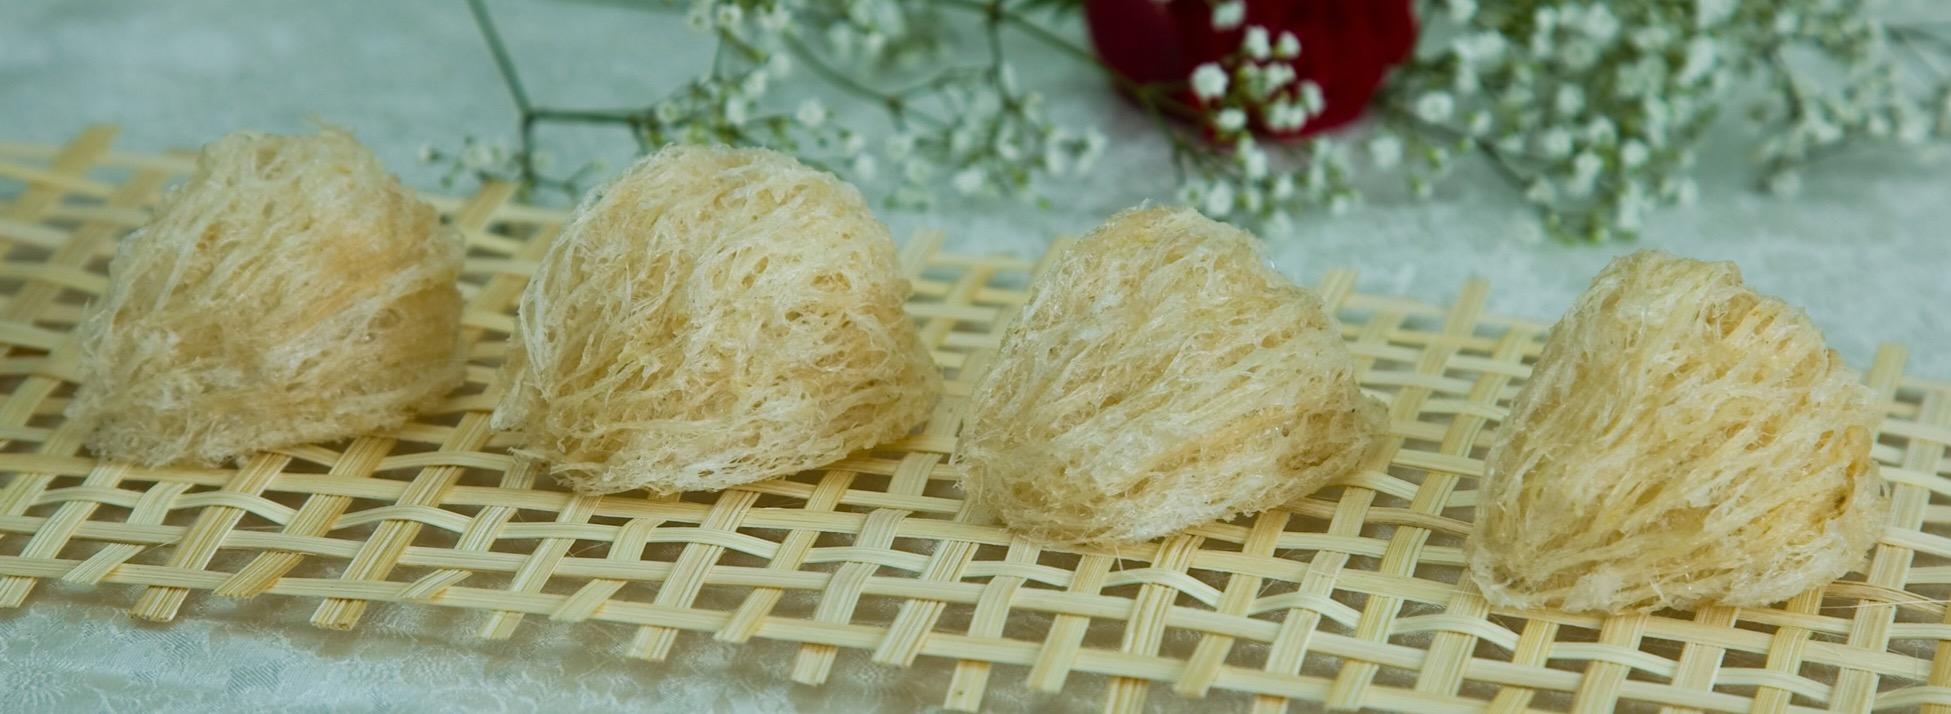 Cách chưng yến sào với hạt sen tươi và nấm trắng giúp chữa bệnh đau đầu 2